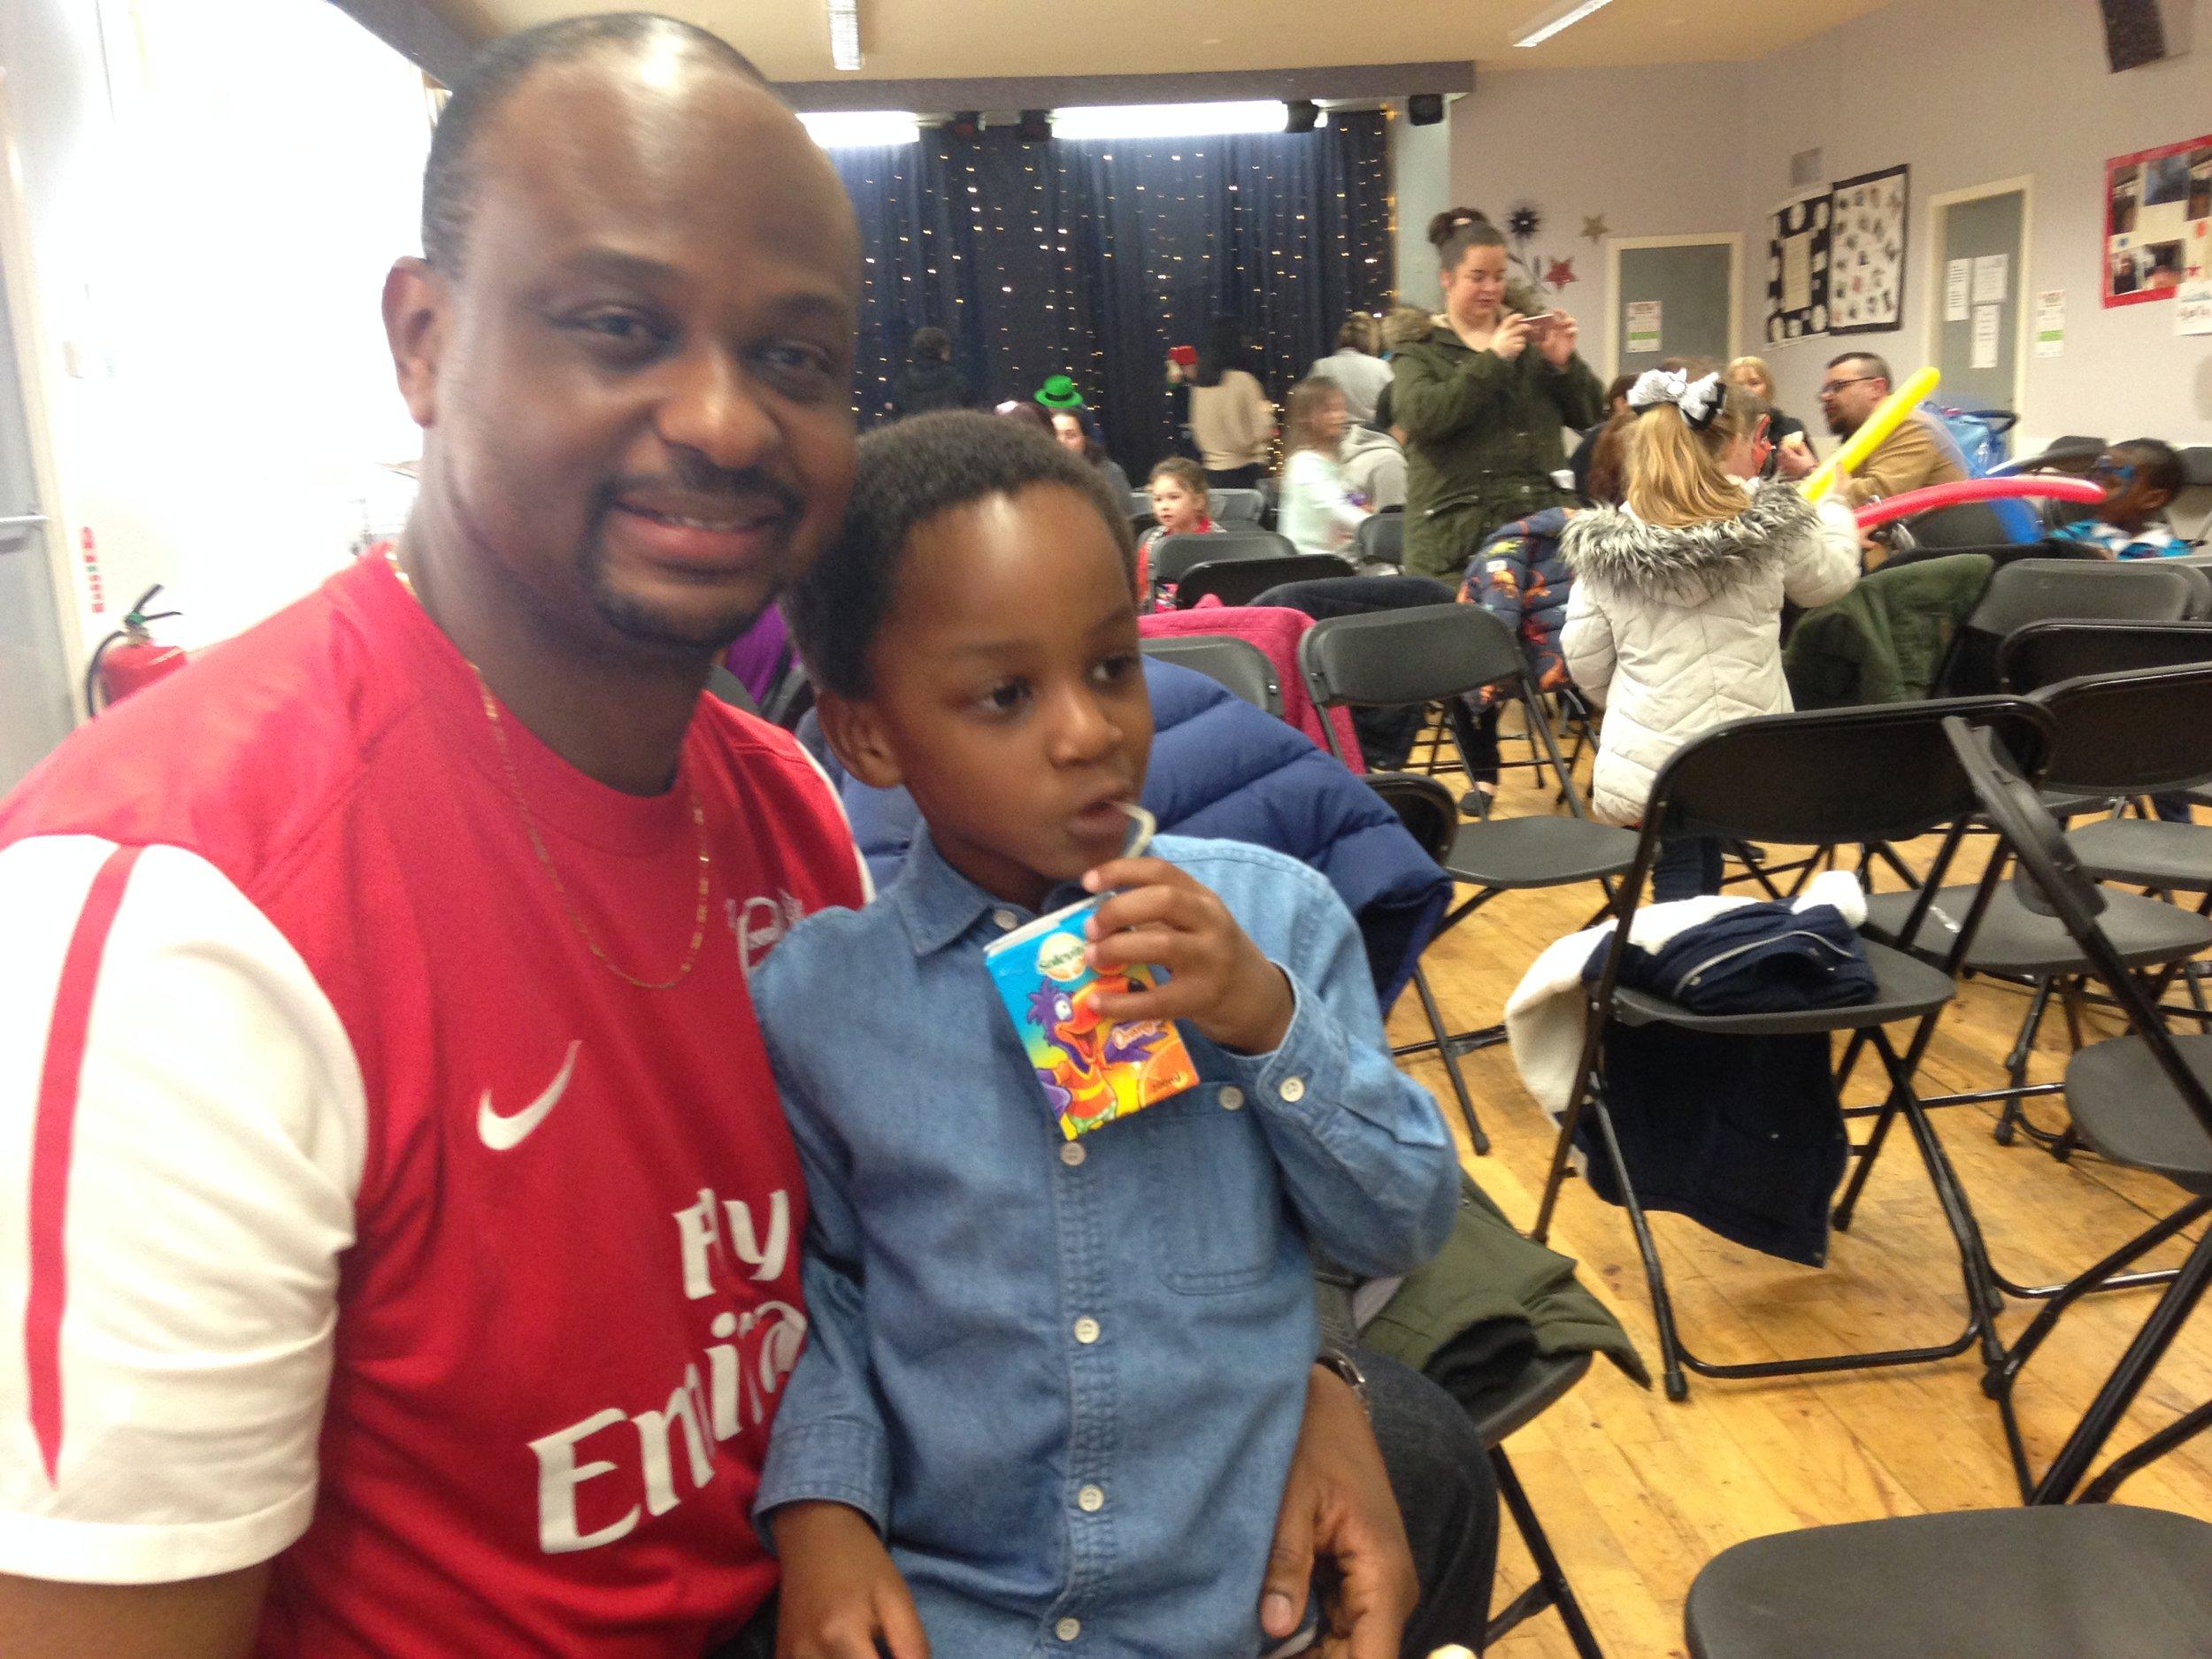 Chuks and his son